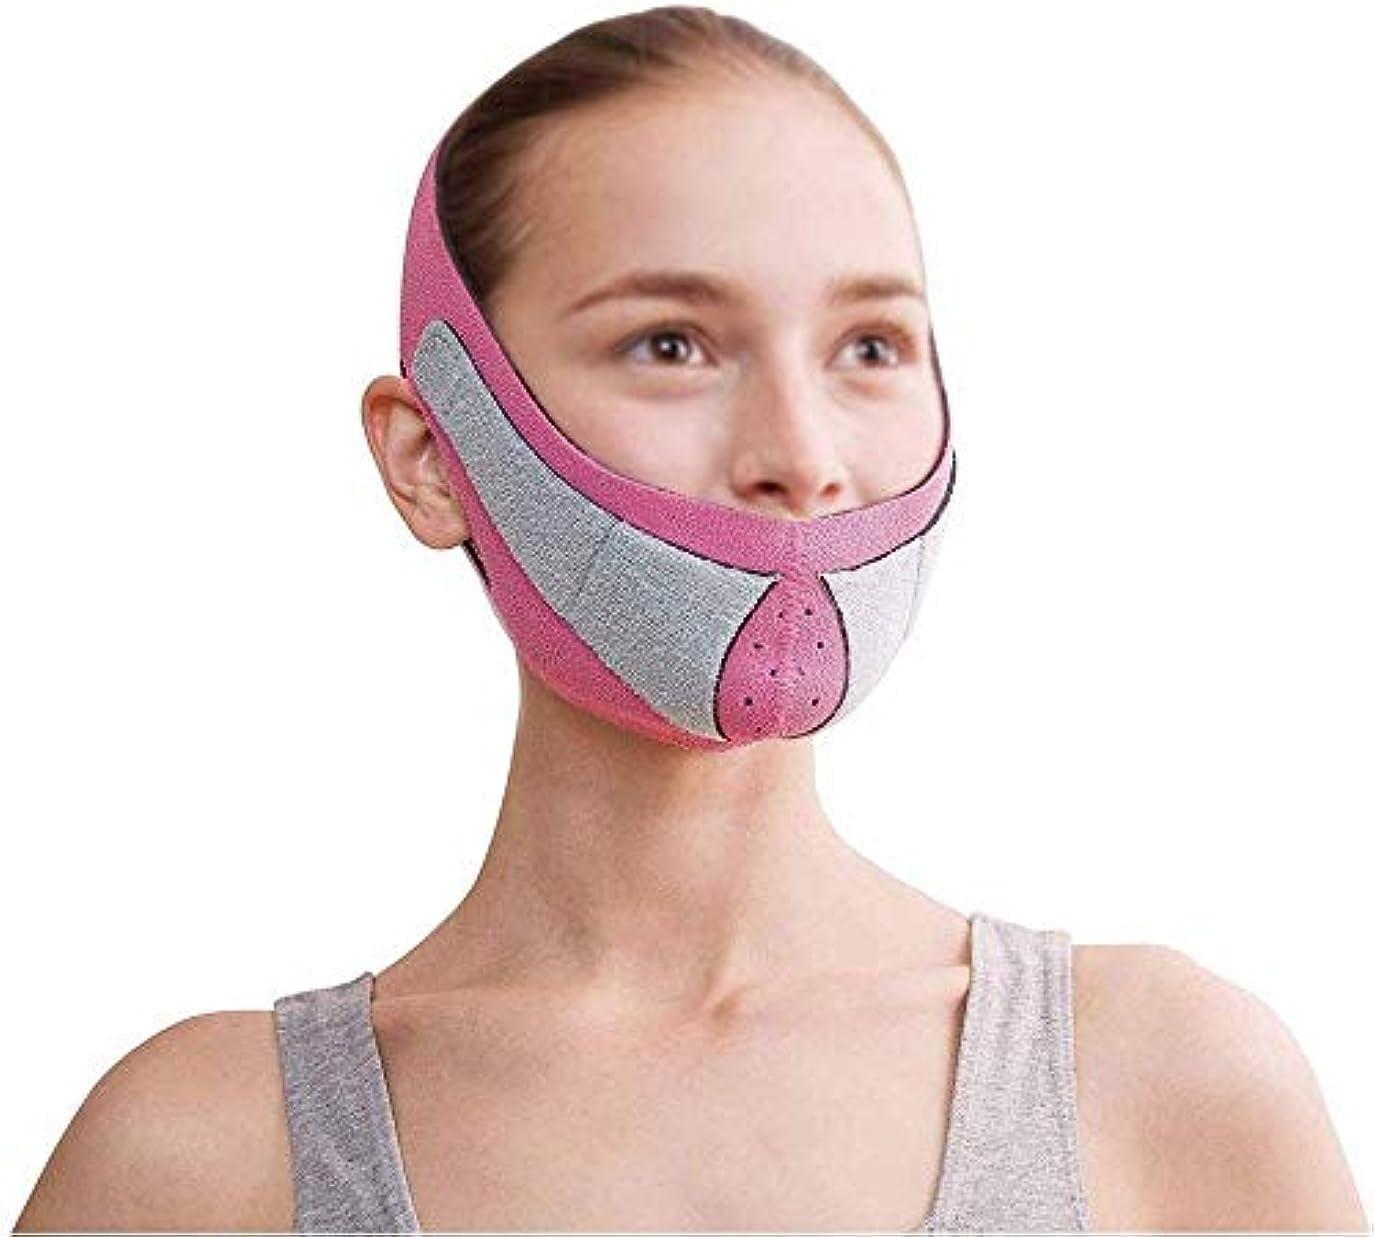 伝導見つけるコウモリ美容と実用的な薄いフェイスマスク、リフティングスキンファーミングアンチサギングフォーローマスクフェイスシンチンバンデージ